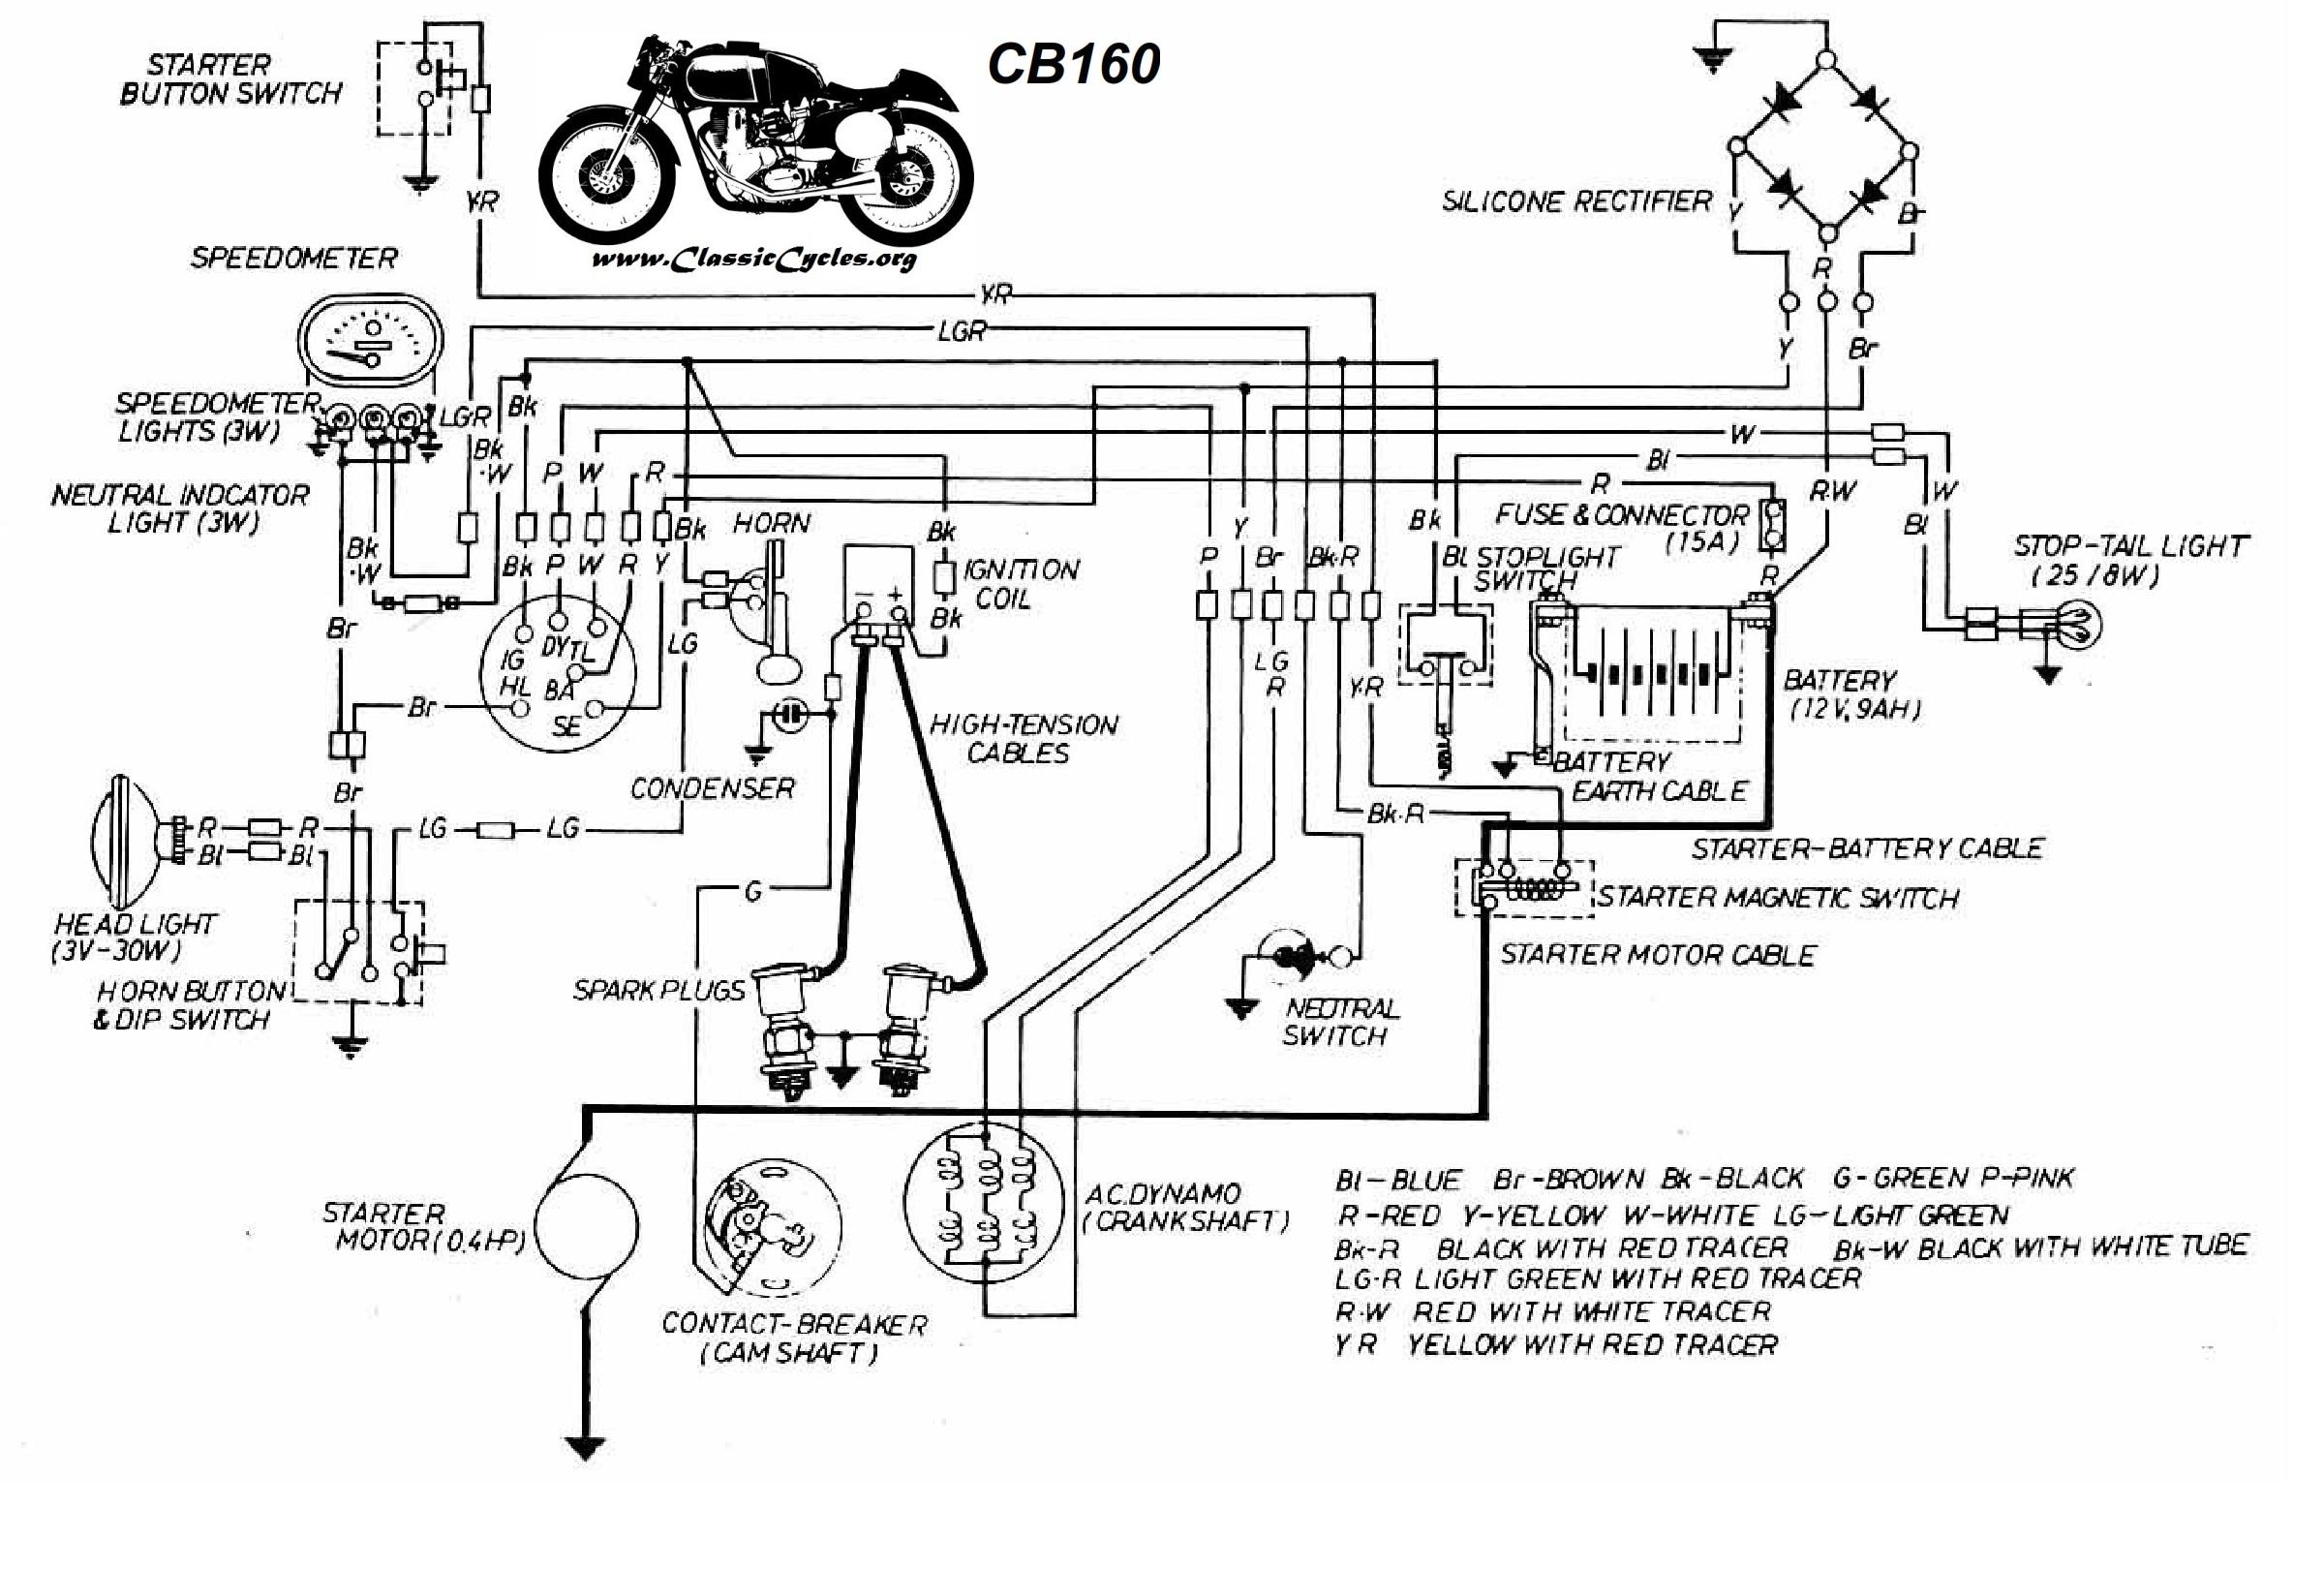 Diagram Simple Motorcycle Wiring Diagram Vintage Race